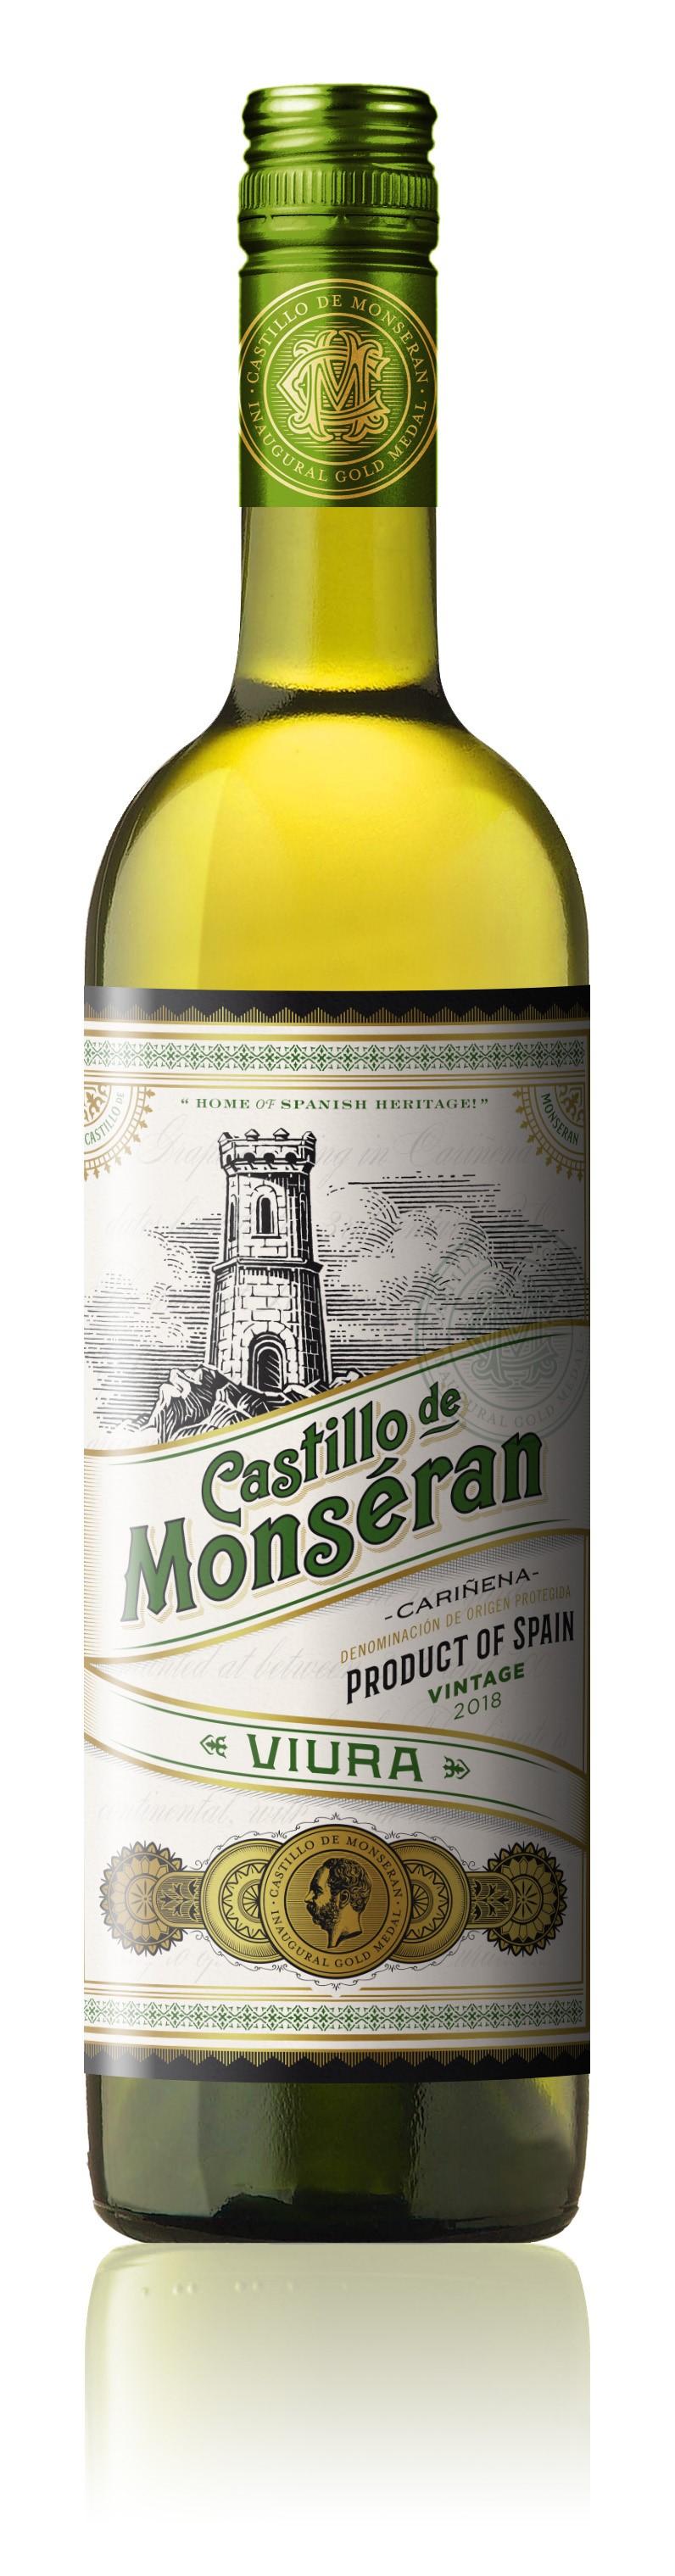 CASTILLO DE MONSERAN VIURA